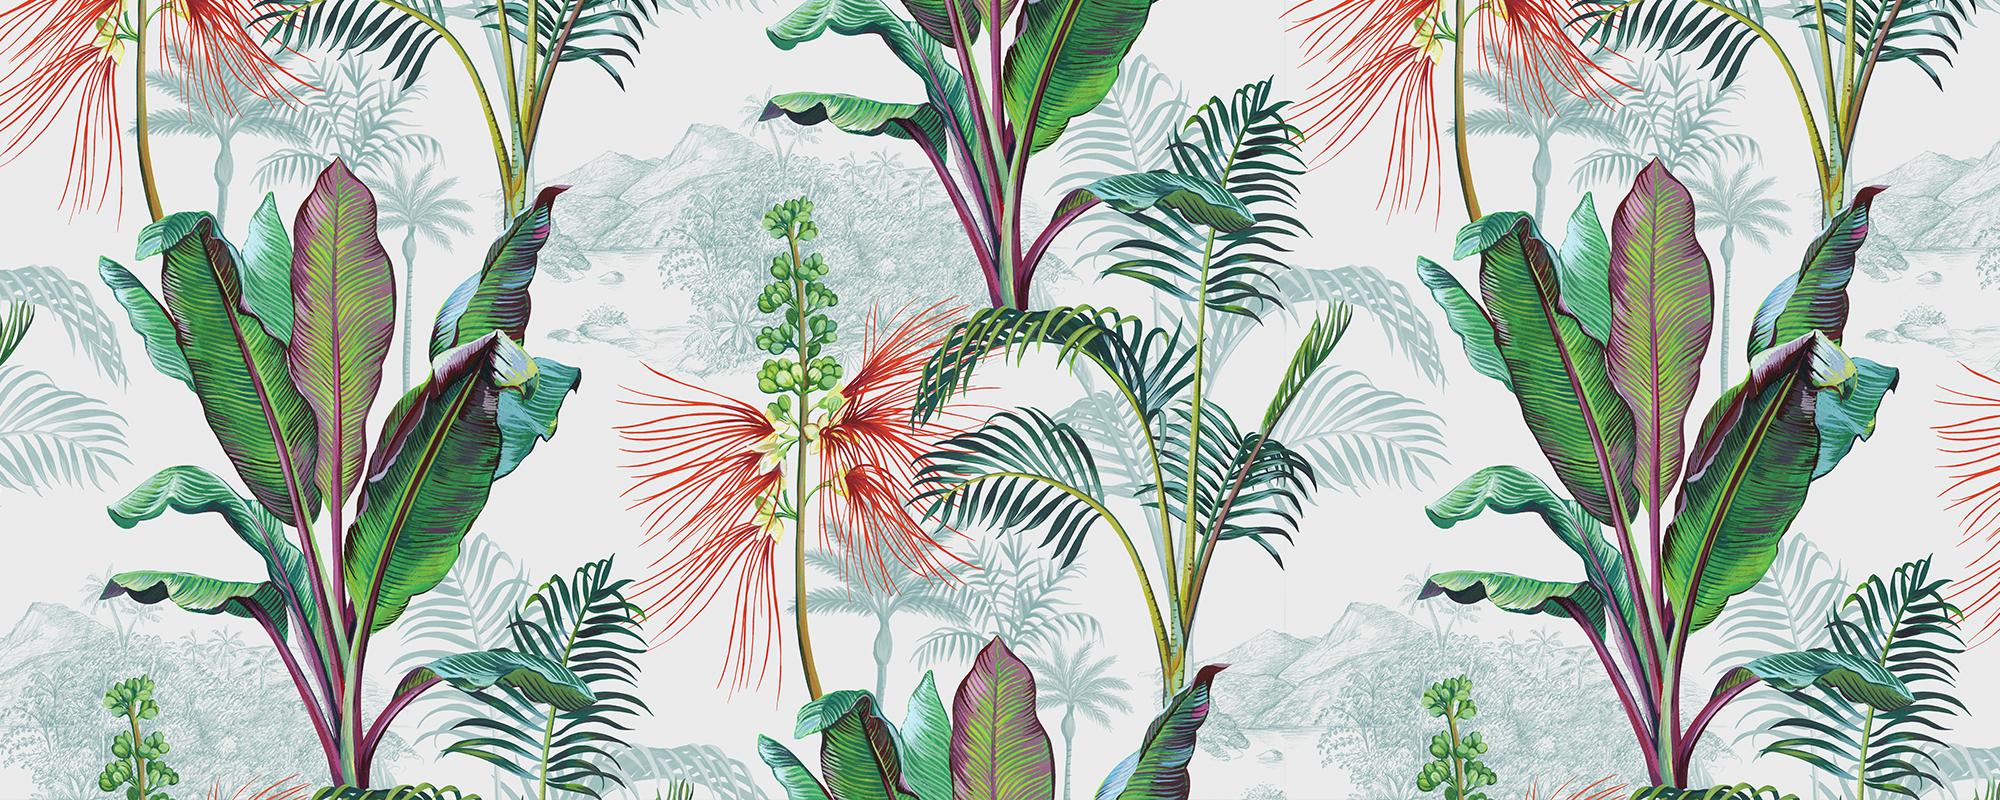 papier peint Caraïbes tropical et exotique